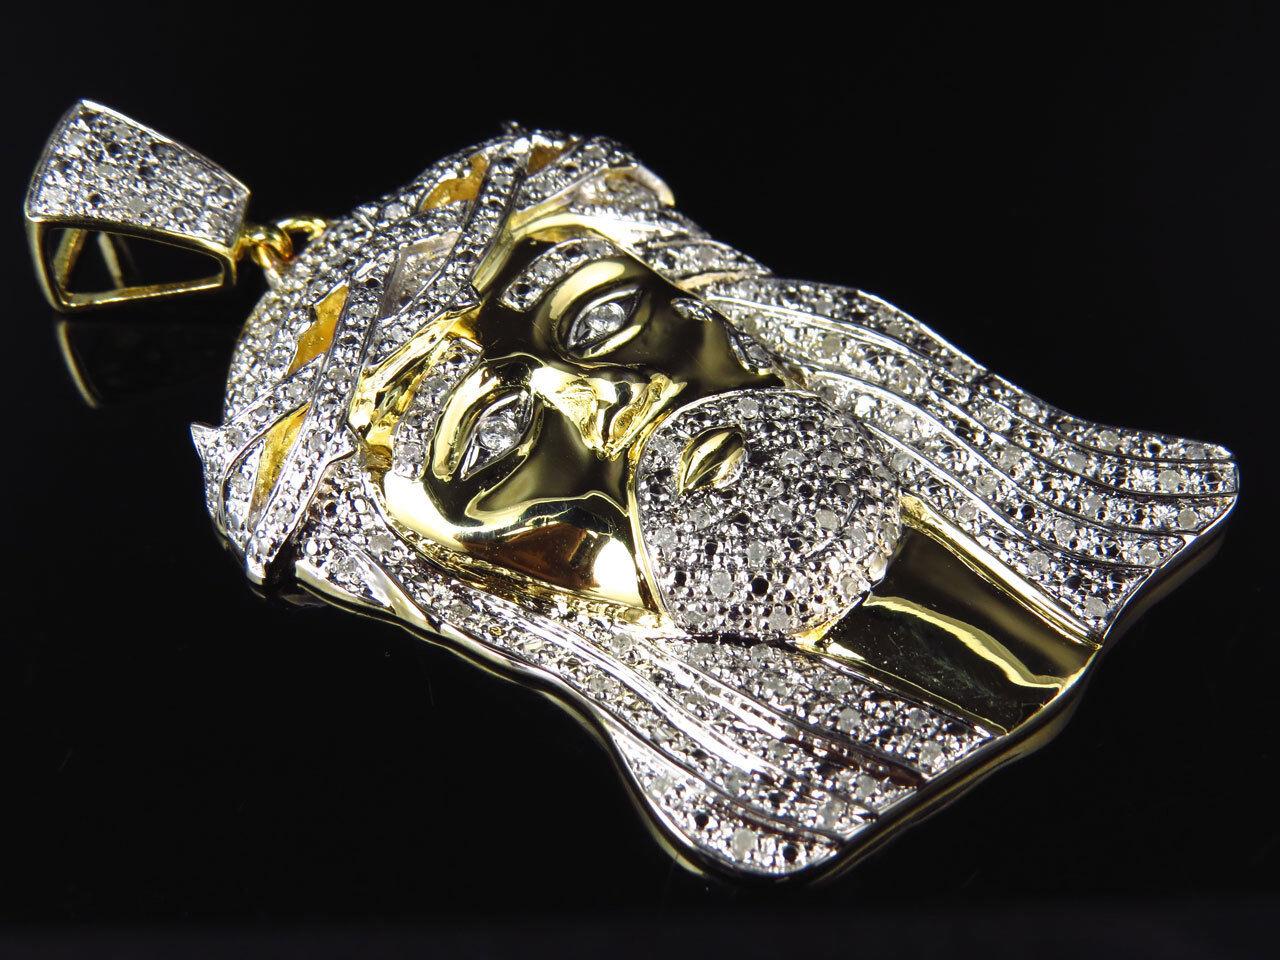 Grande Diamante Vero Vero Vero Premium Gesù Pezzi Ciondolo in oro Giallo Finish (1.0ct) 0ba213